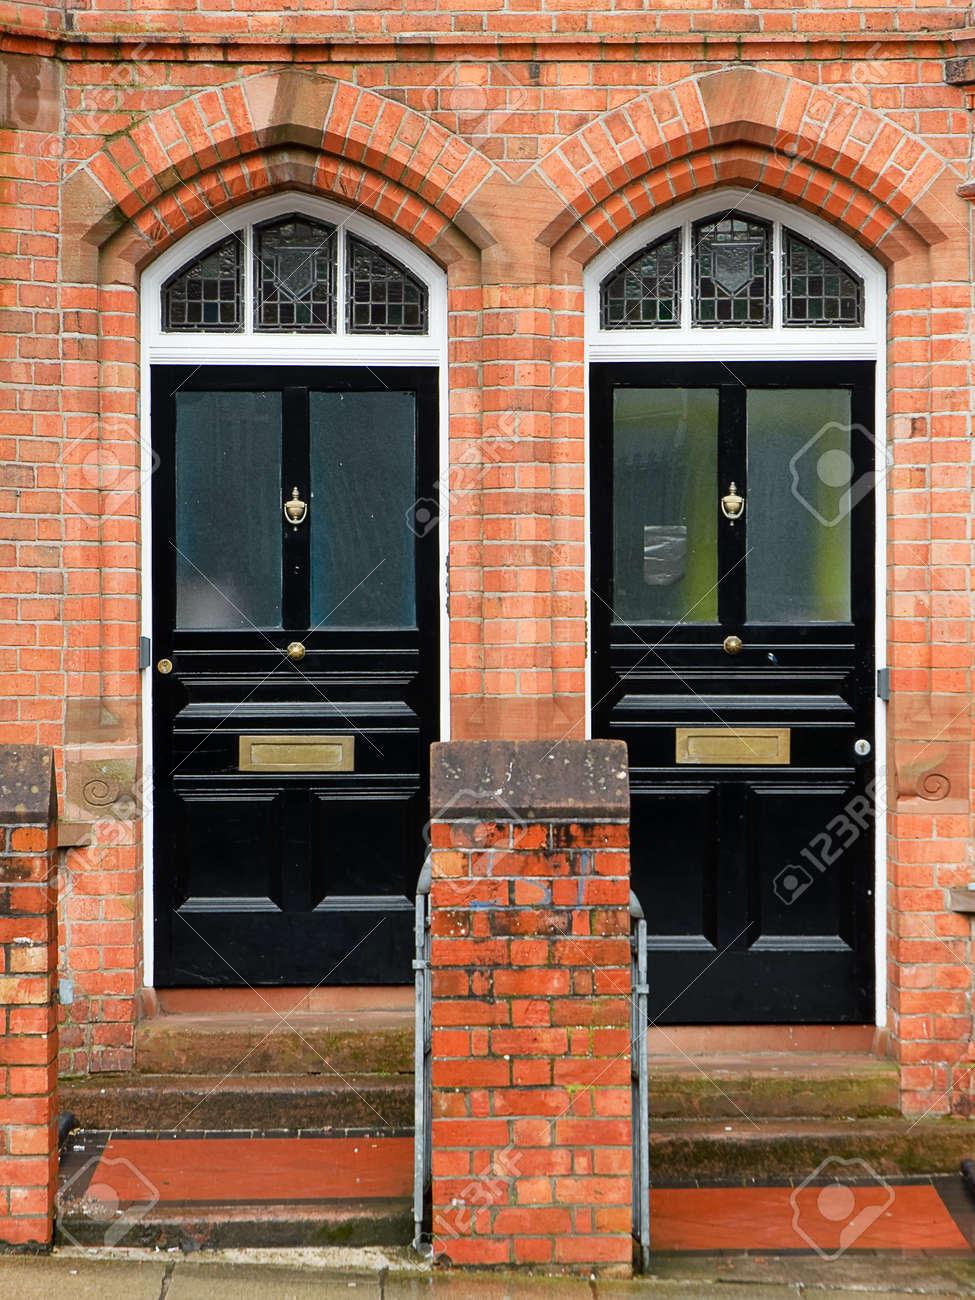 Black Doors in Belfast Stock Photo - 53755668 & Black Doors In Belfast Stock Photo Picture And Royalty Free Image ...